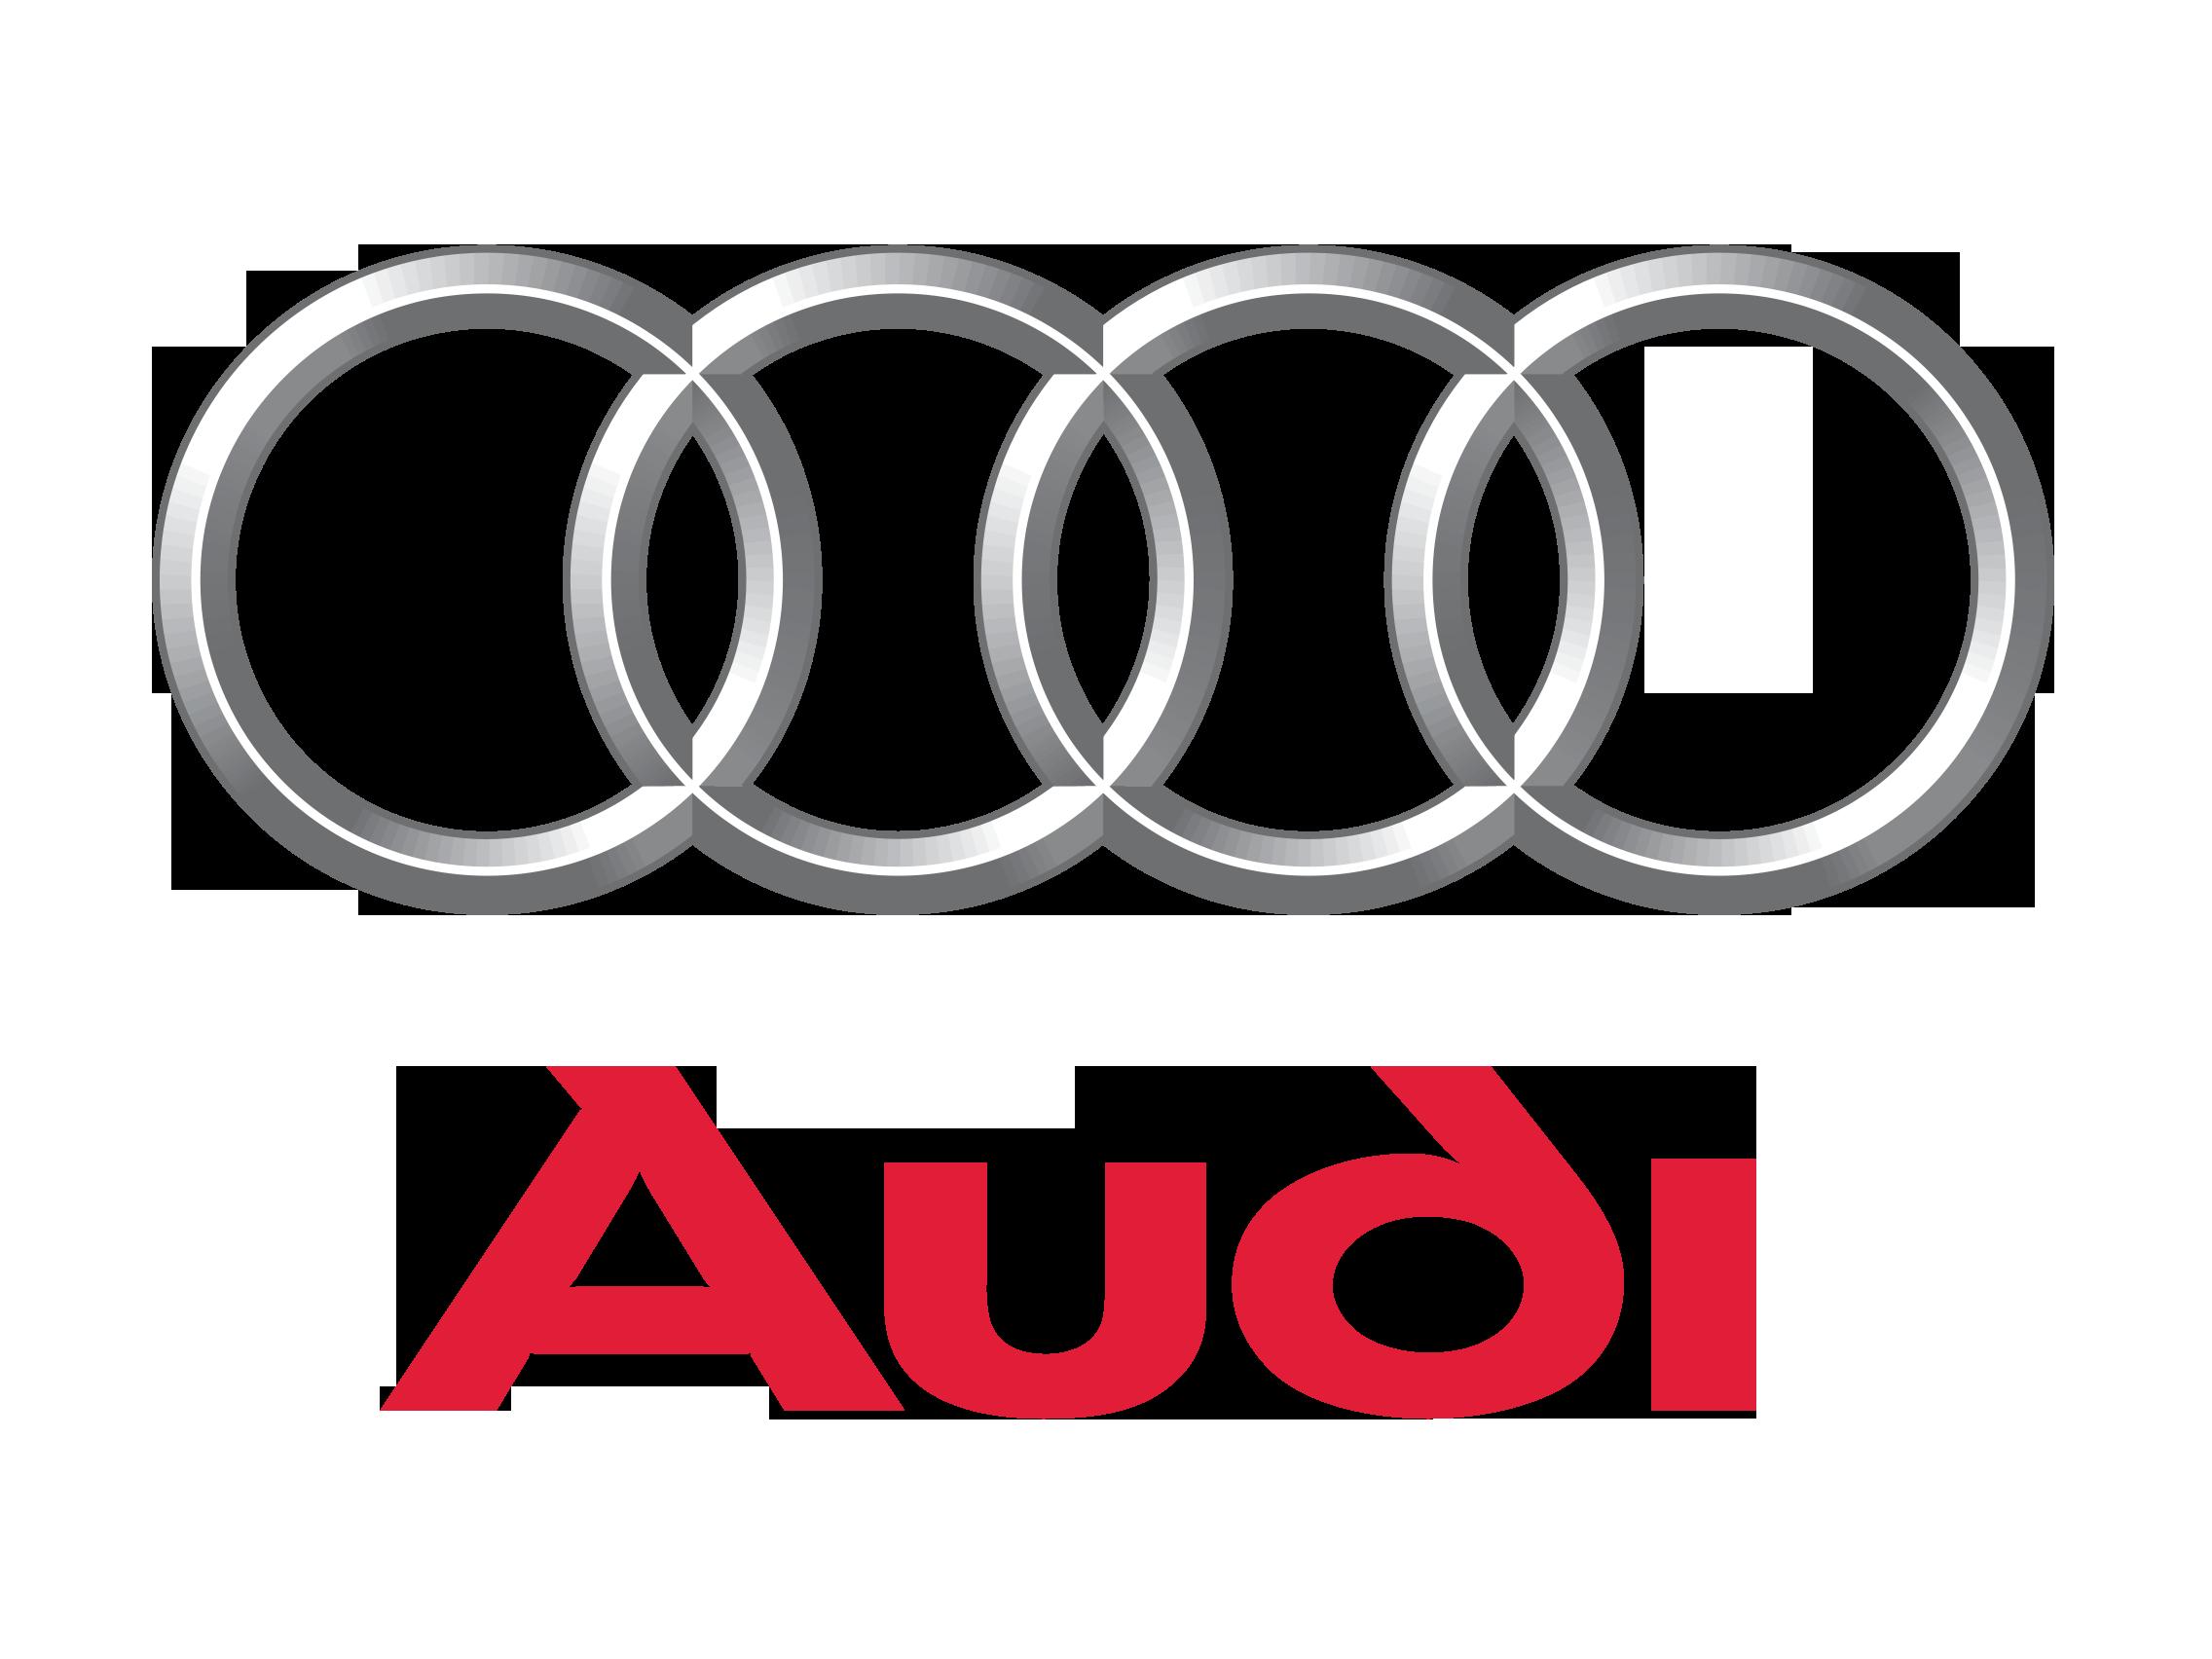 audi-tuning-logo